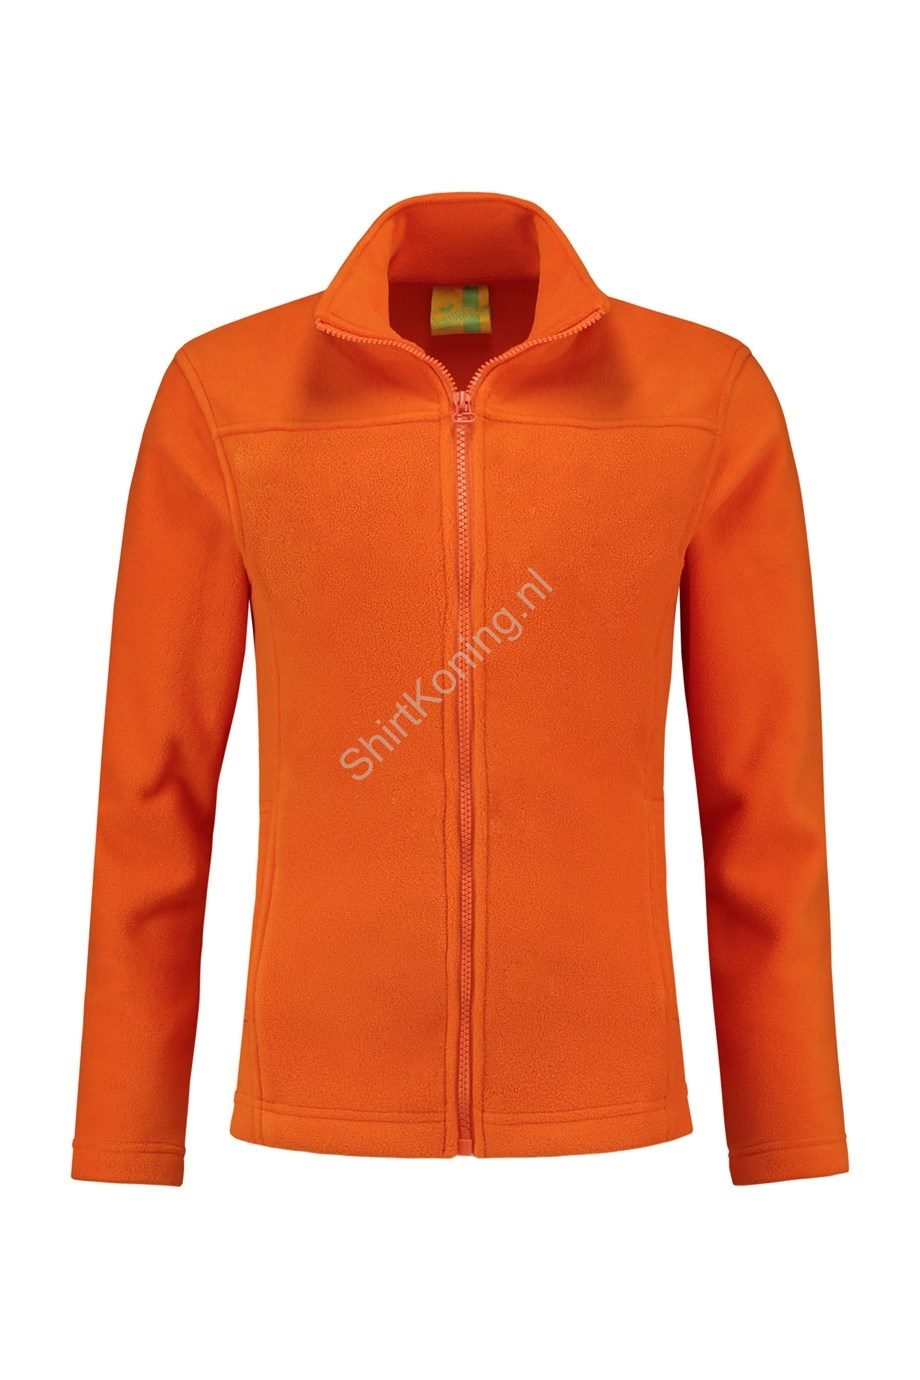 kleding-lemon&soda 3350